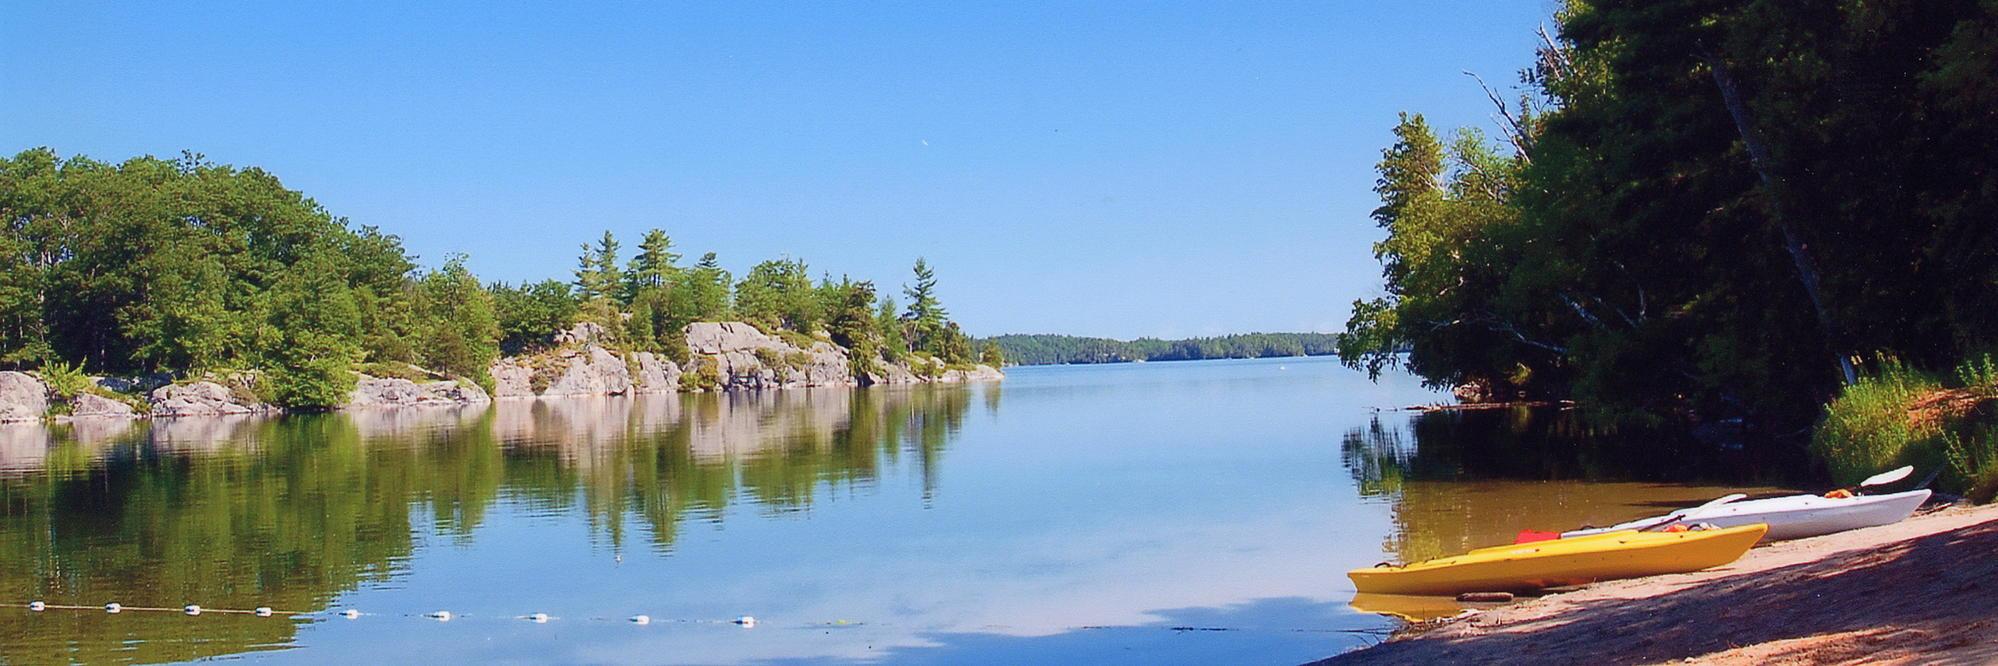 Reflecting at the lake